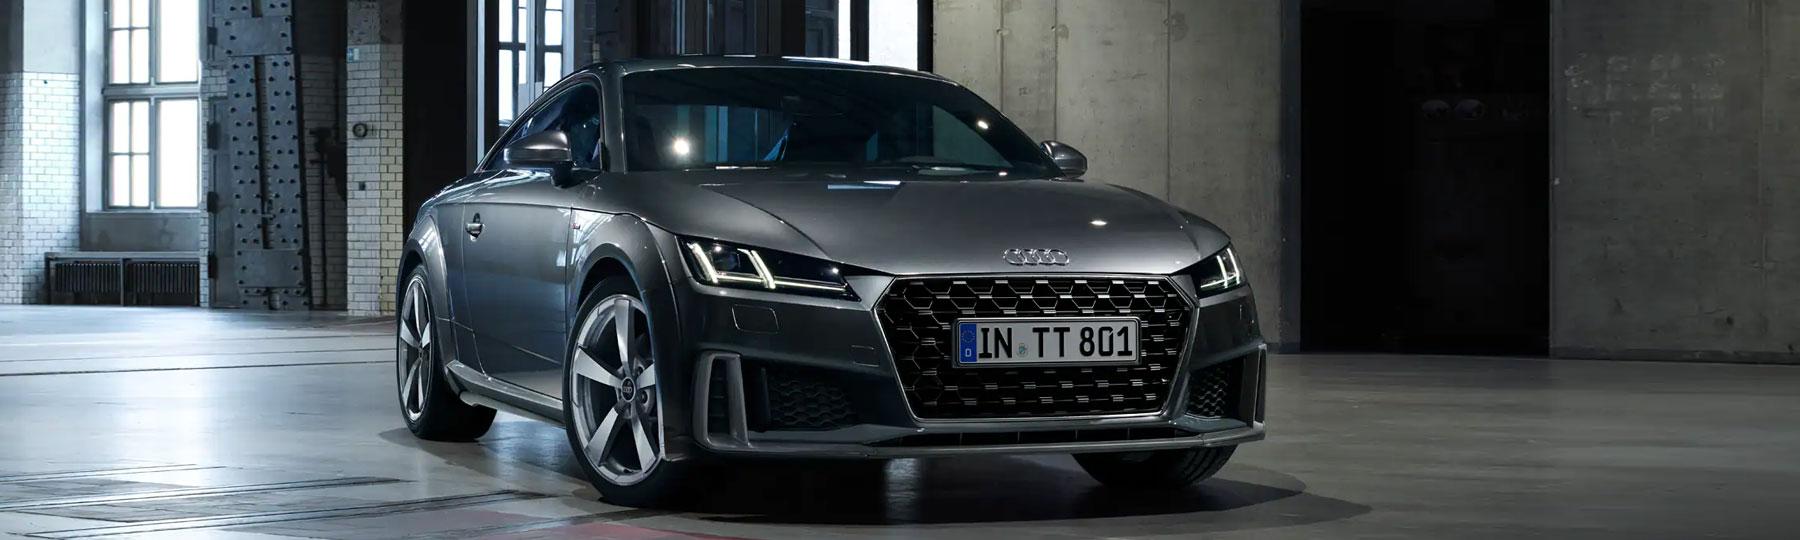 Audi TT Coupé Business Offer